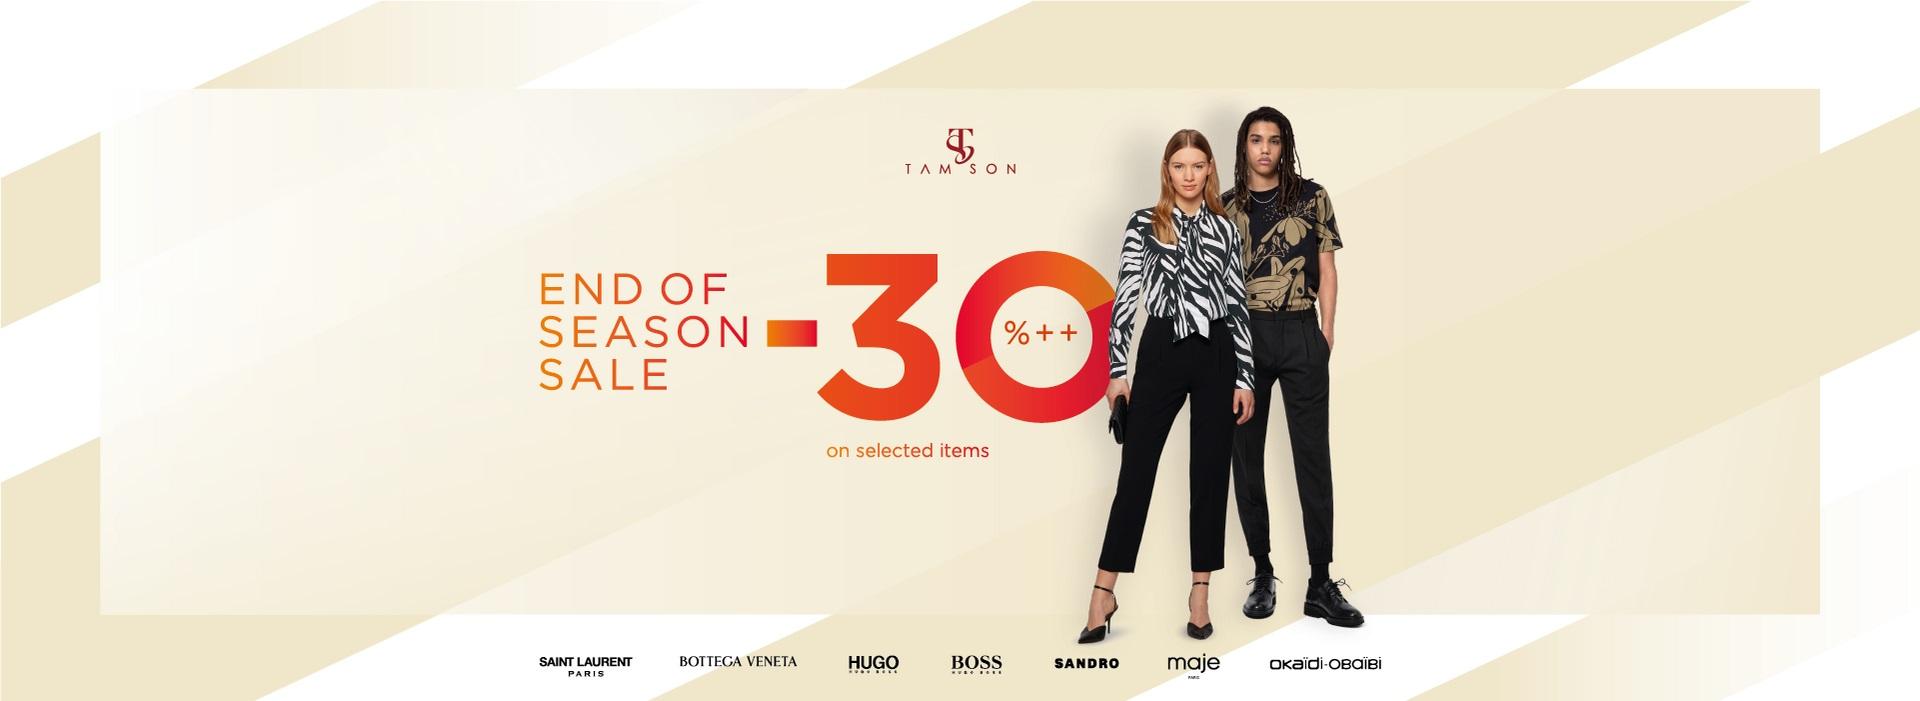 End of season sale ss 2021 1